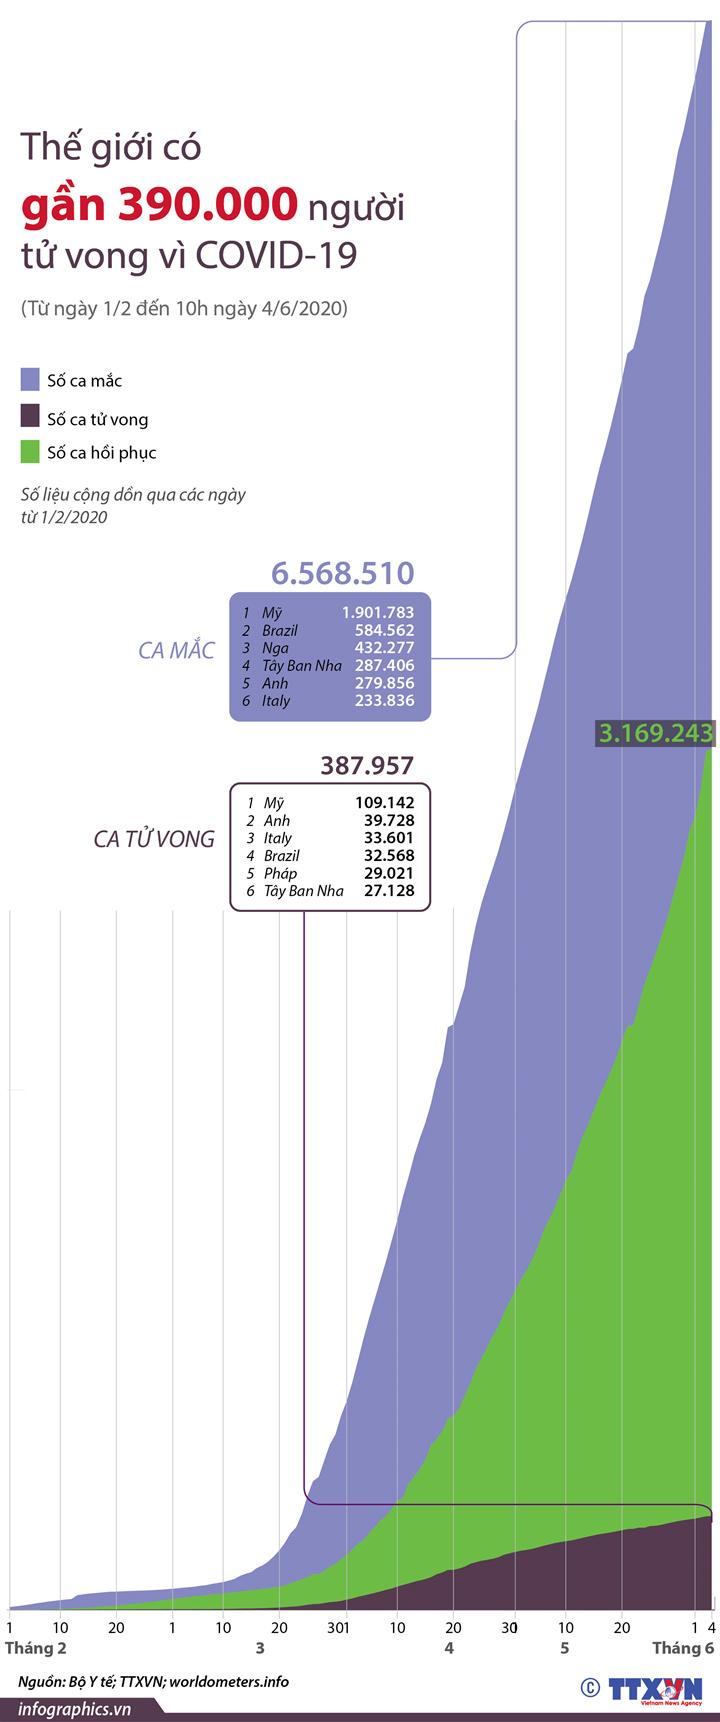 Thế giới có gần 390.000 người tử vong do COVID-19  (Từ ngày 1/2 đến 10h ngày 4/6/2020)